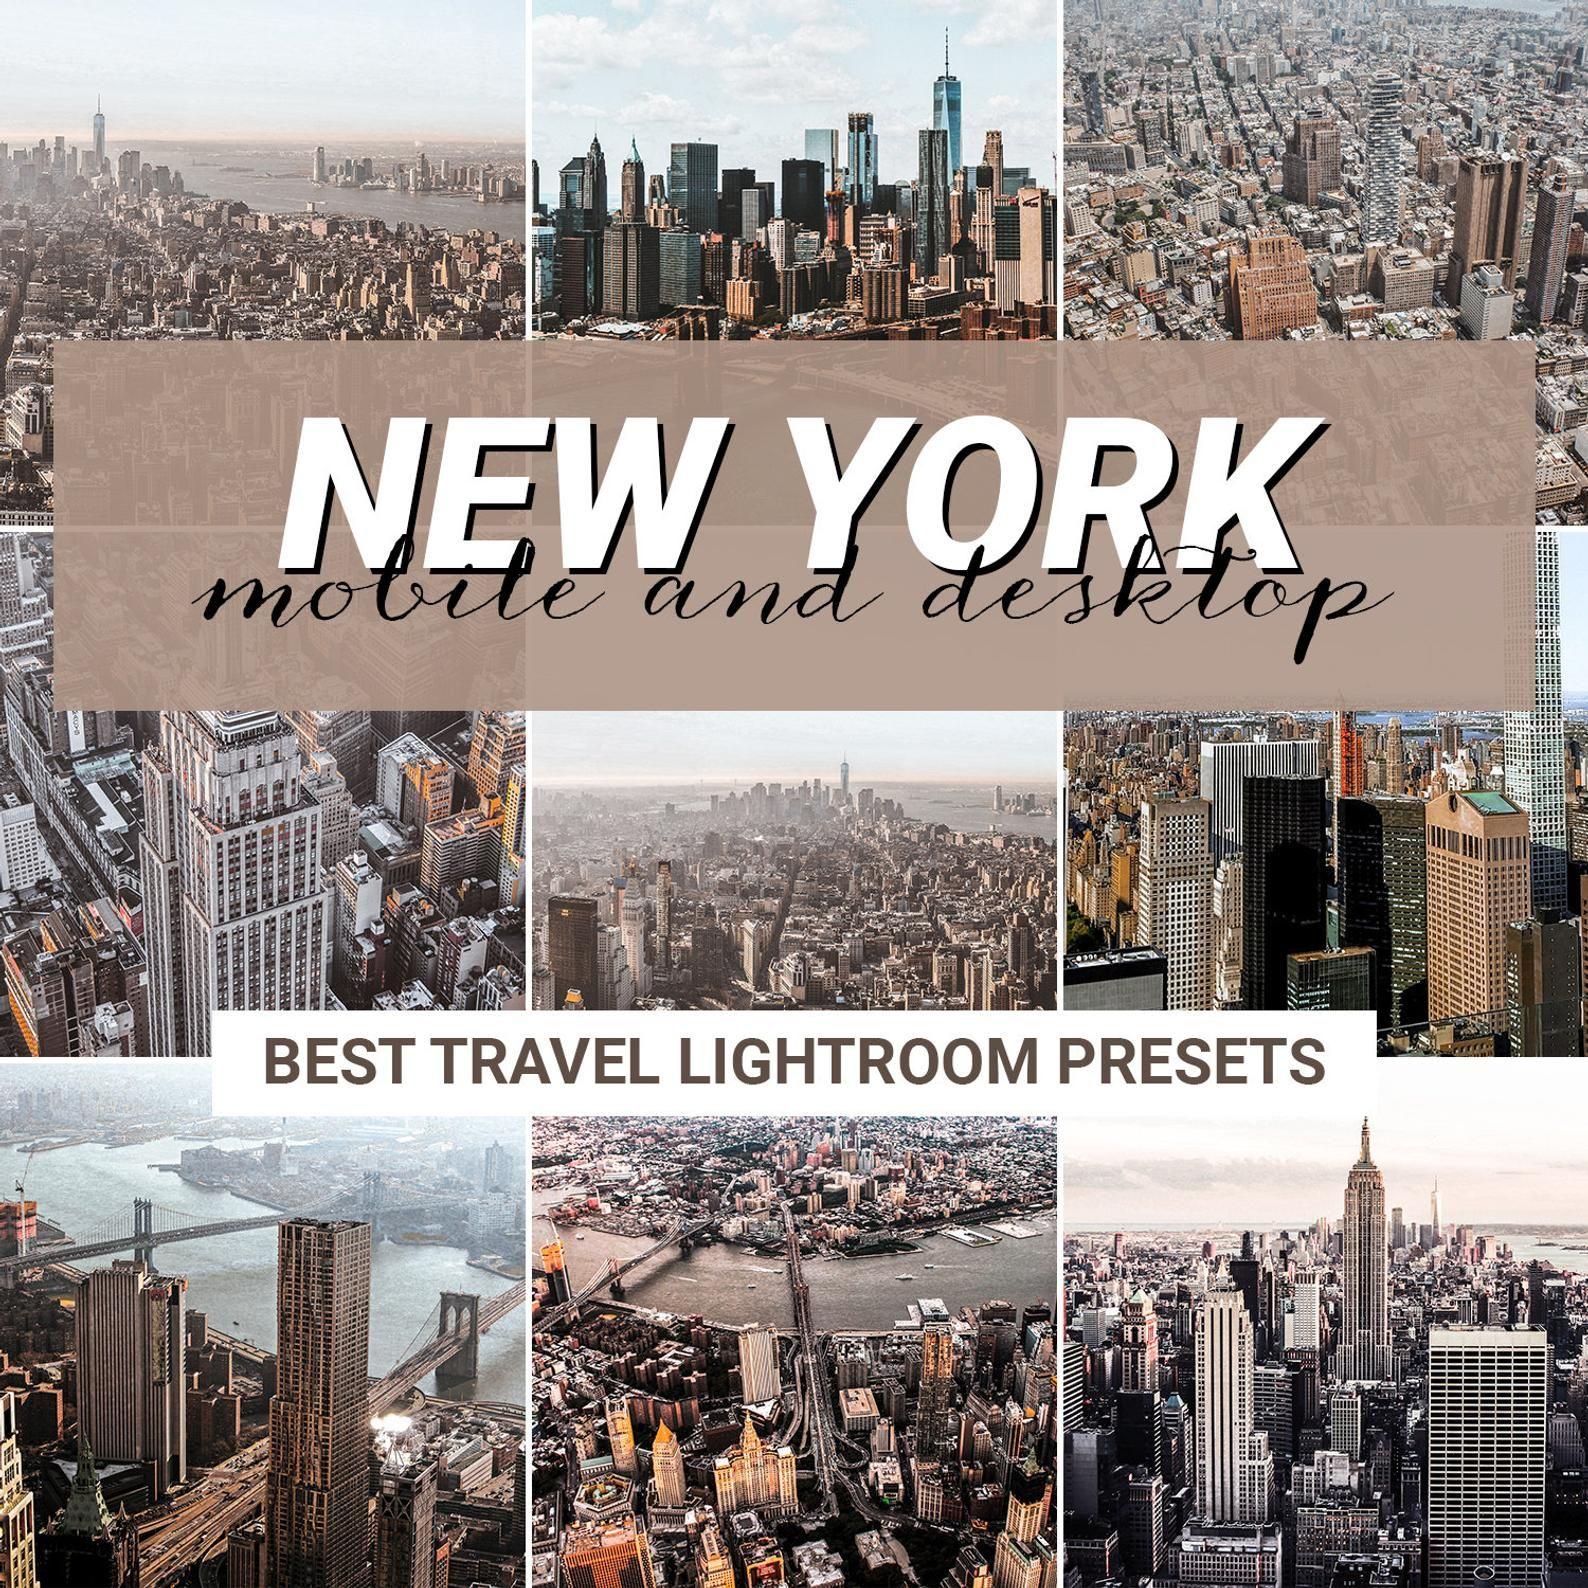 2 Presets Lightroom Mobile & Desktop - NEW YORK - Travel